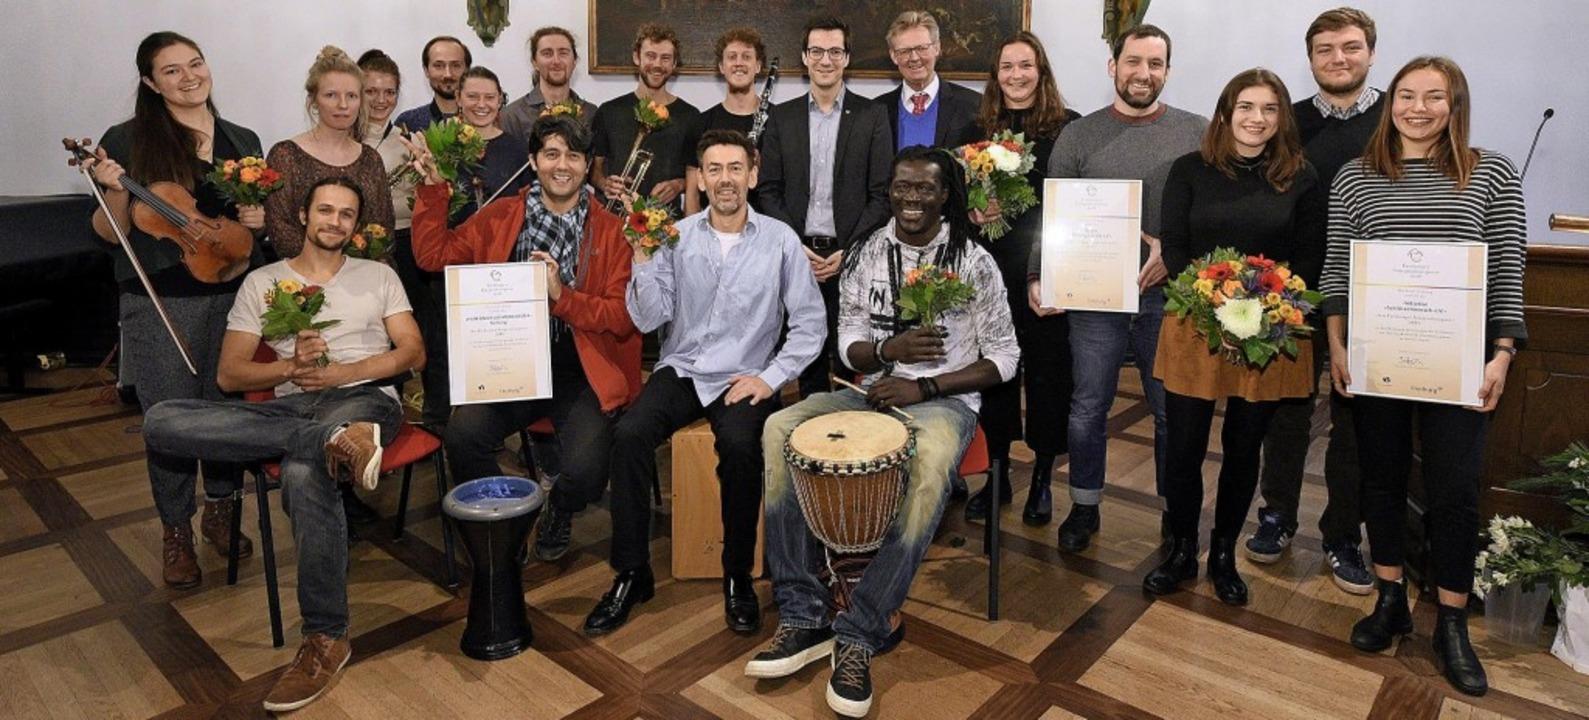 Gruppenbild mit Bürgermeistern: Die mit dem Integrationspreis Ausgezeichneten.   | Foto: Thomas Kunz